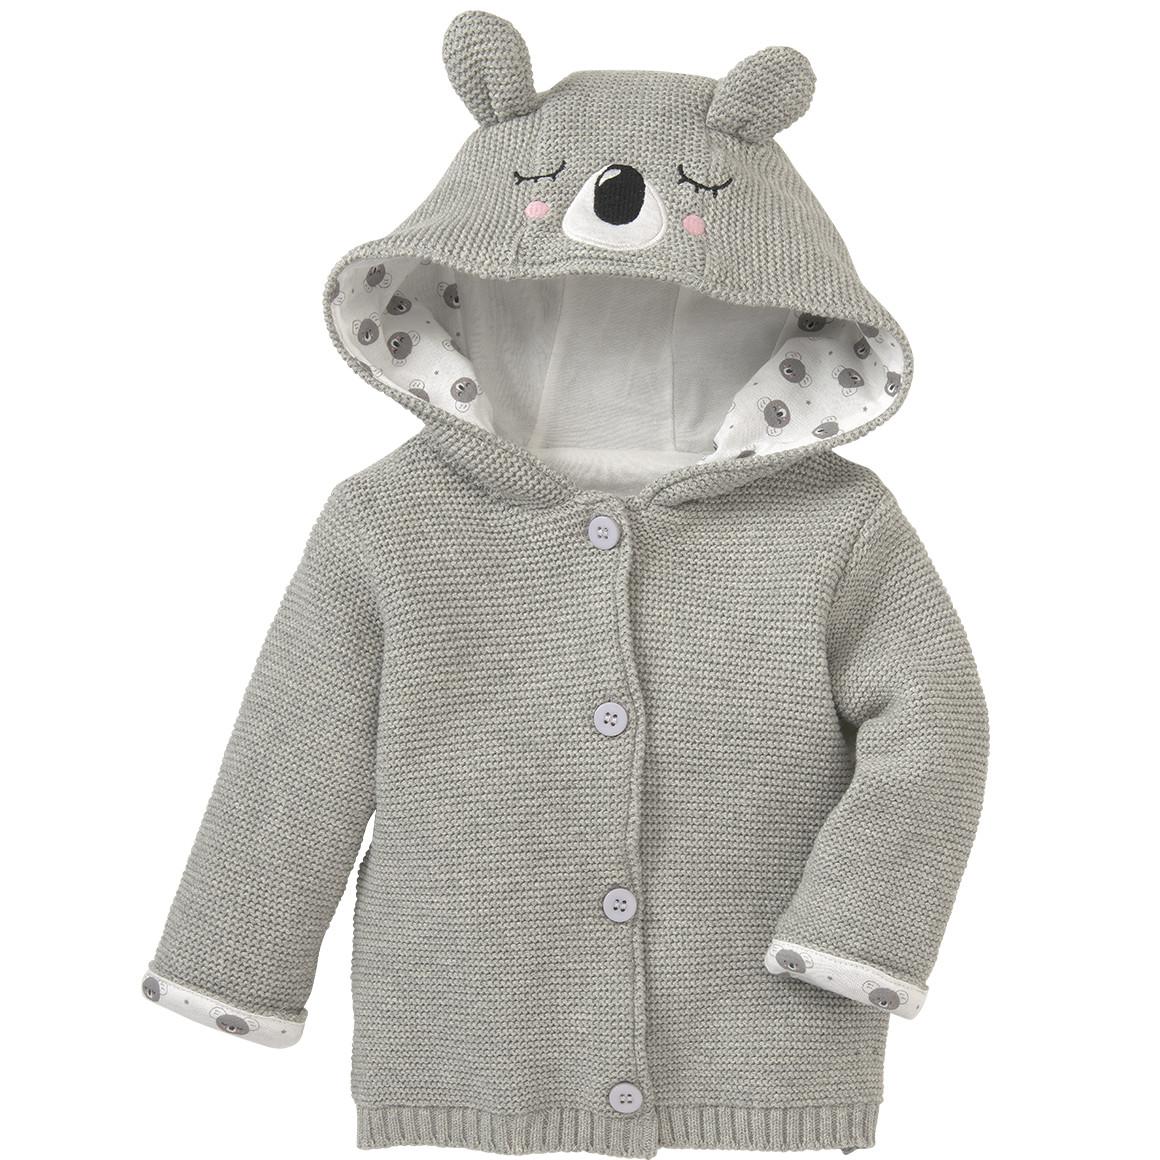 Newborn Strickjacke mit Koalabär Applikation